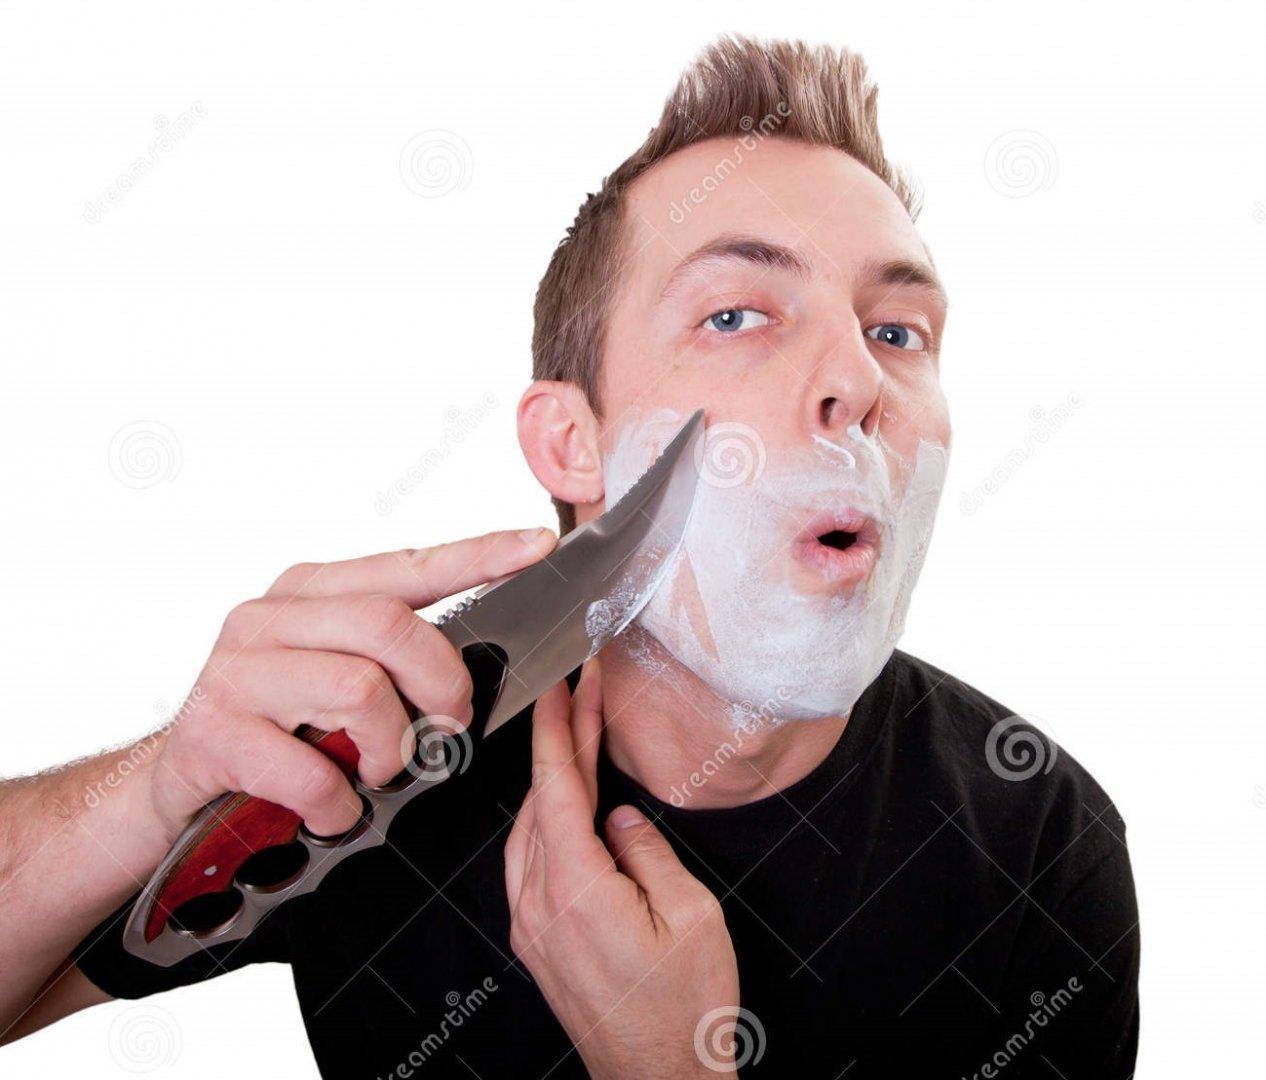 dangerous-shave-23644634.jpg